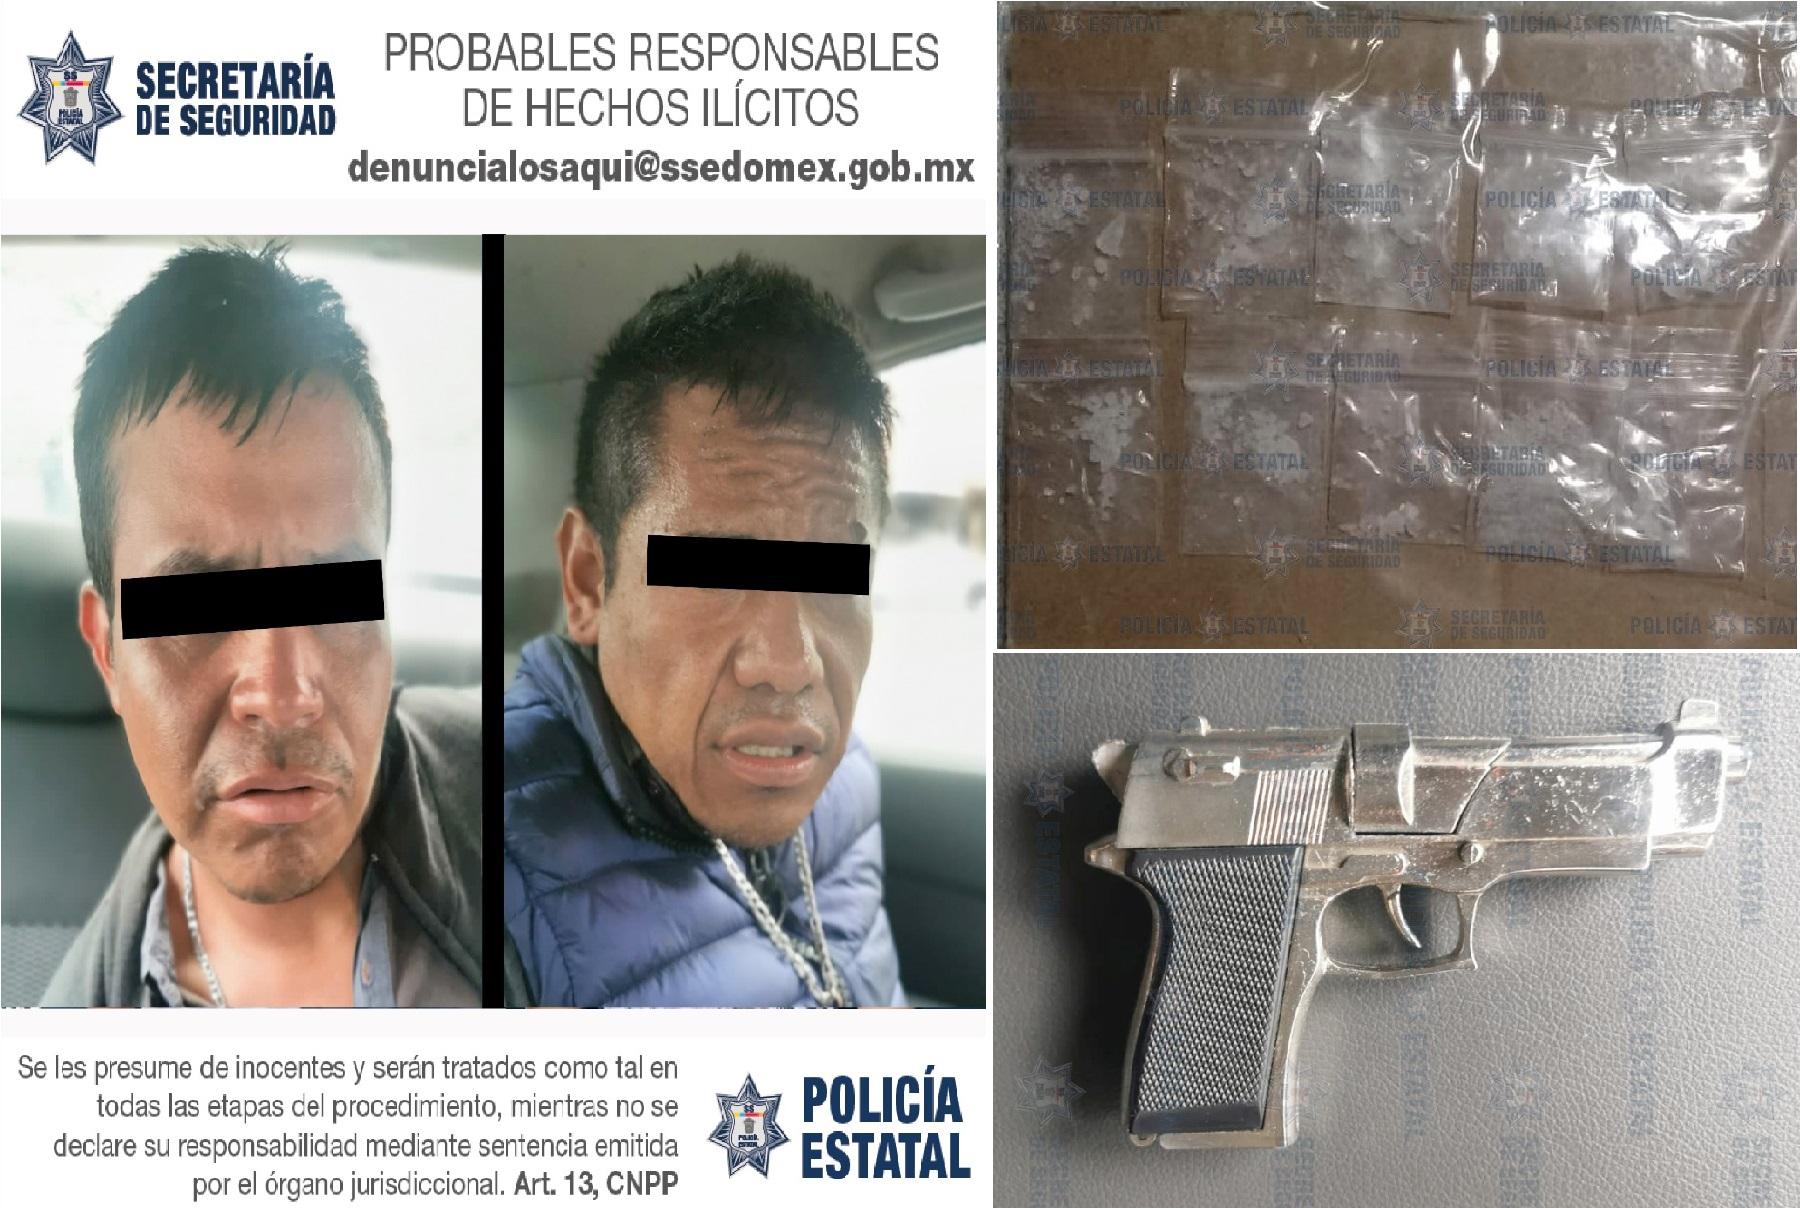 DETIENEN A DOS SUJETOS POR EL DELITO DE PORTACIÓN DE ARMA DE FUEGO Y CONTRA LA SALUD